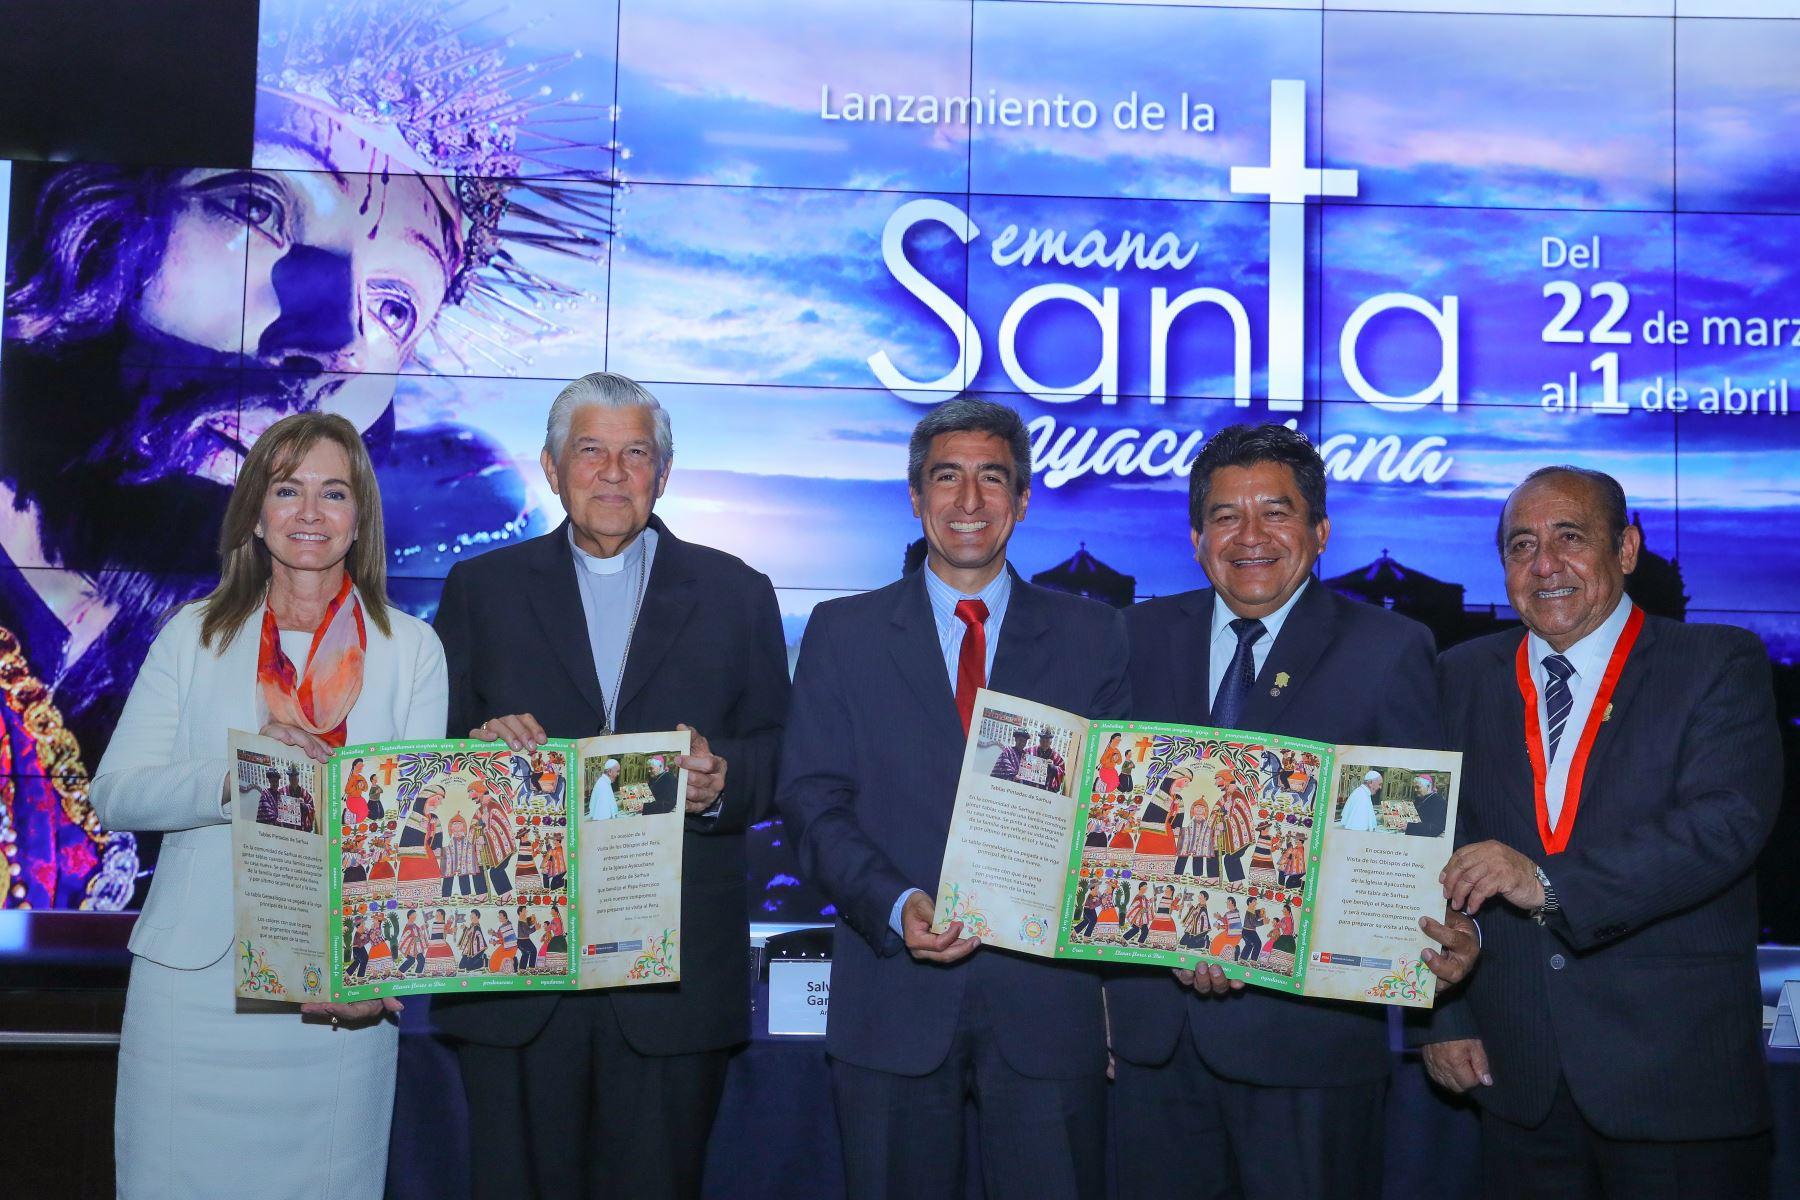 Más de 50,000 visitantes, entre nacionales y extranjeros, proyecta recibir la ciudad de Ayacucho durante los once días que durarán las celebraciones de la Semana Santa 2018, del 22 de marzo al 1 de abril, considerada la segunda más imponente del mundo, después de la de Sevilla, en España. ANDINA